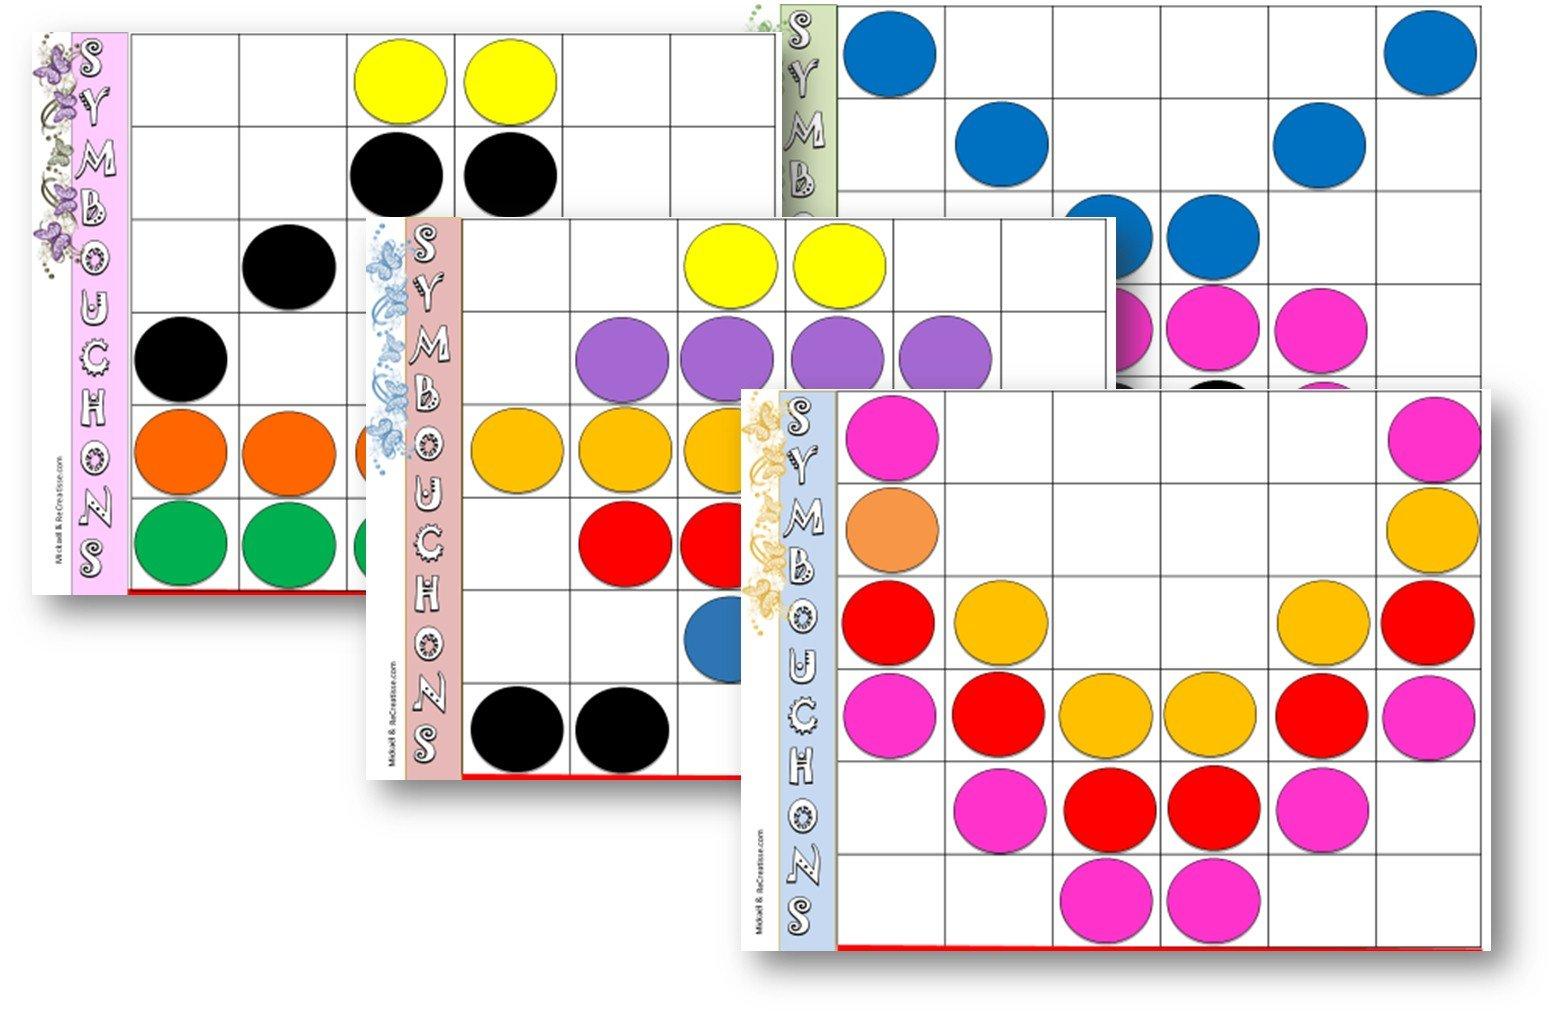 Geometrie : Ateliers Symétrie Et Exercices • Recreatisse dedans Exercice Symétrie Ce1